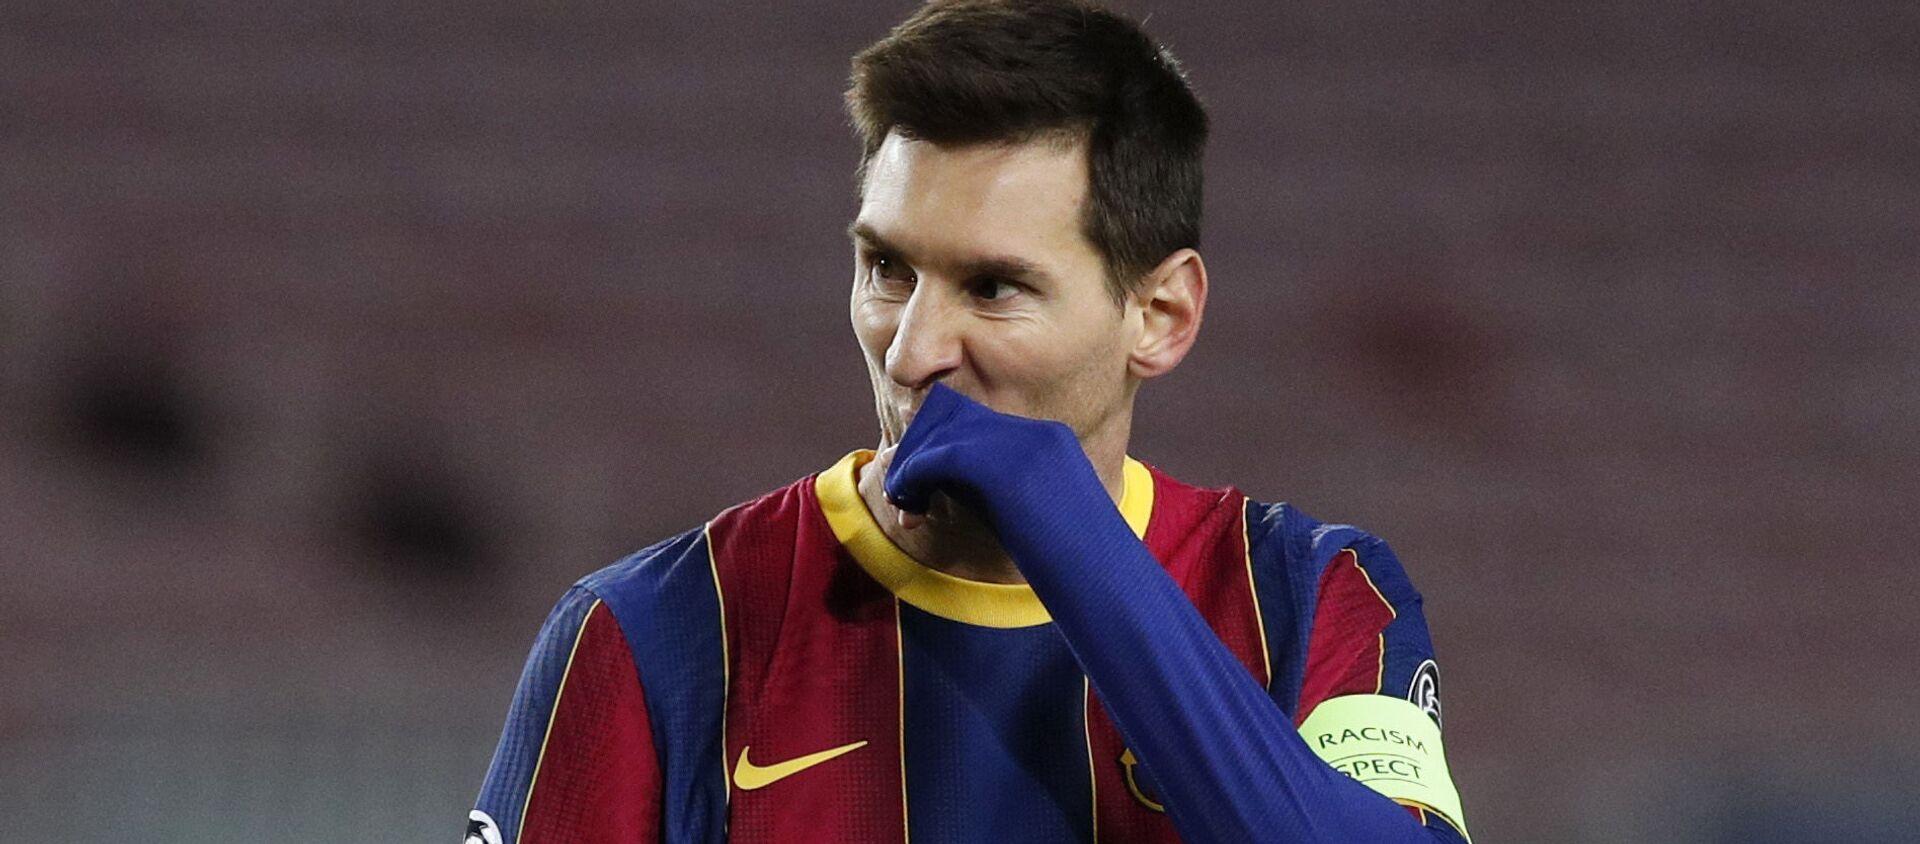 Lionel Messi, futbolista argentino - Sputnik Mundo, 1920, 27.12.2020